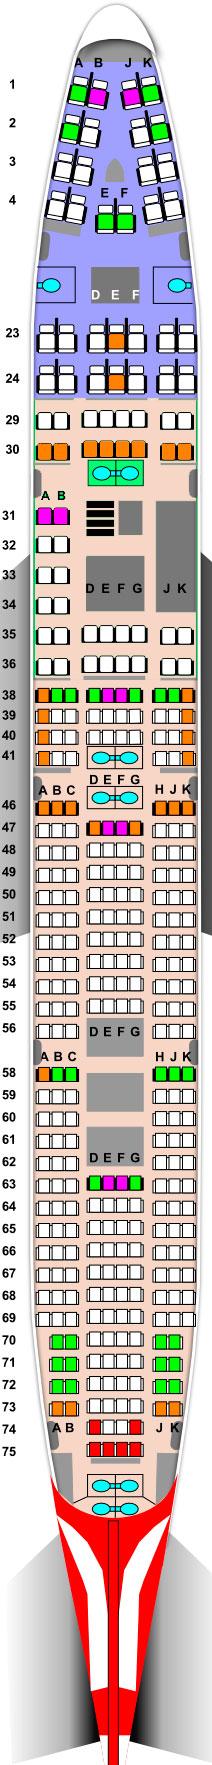 Боинг 747-400 Аэрофлот — схема салона и лучшие места